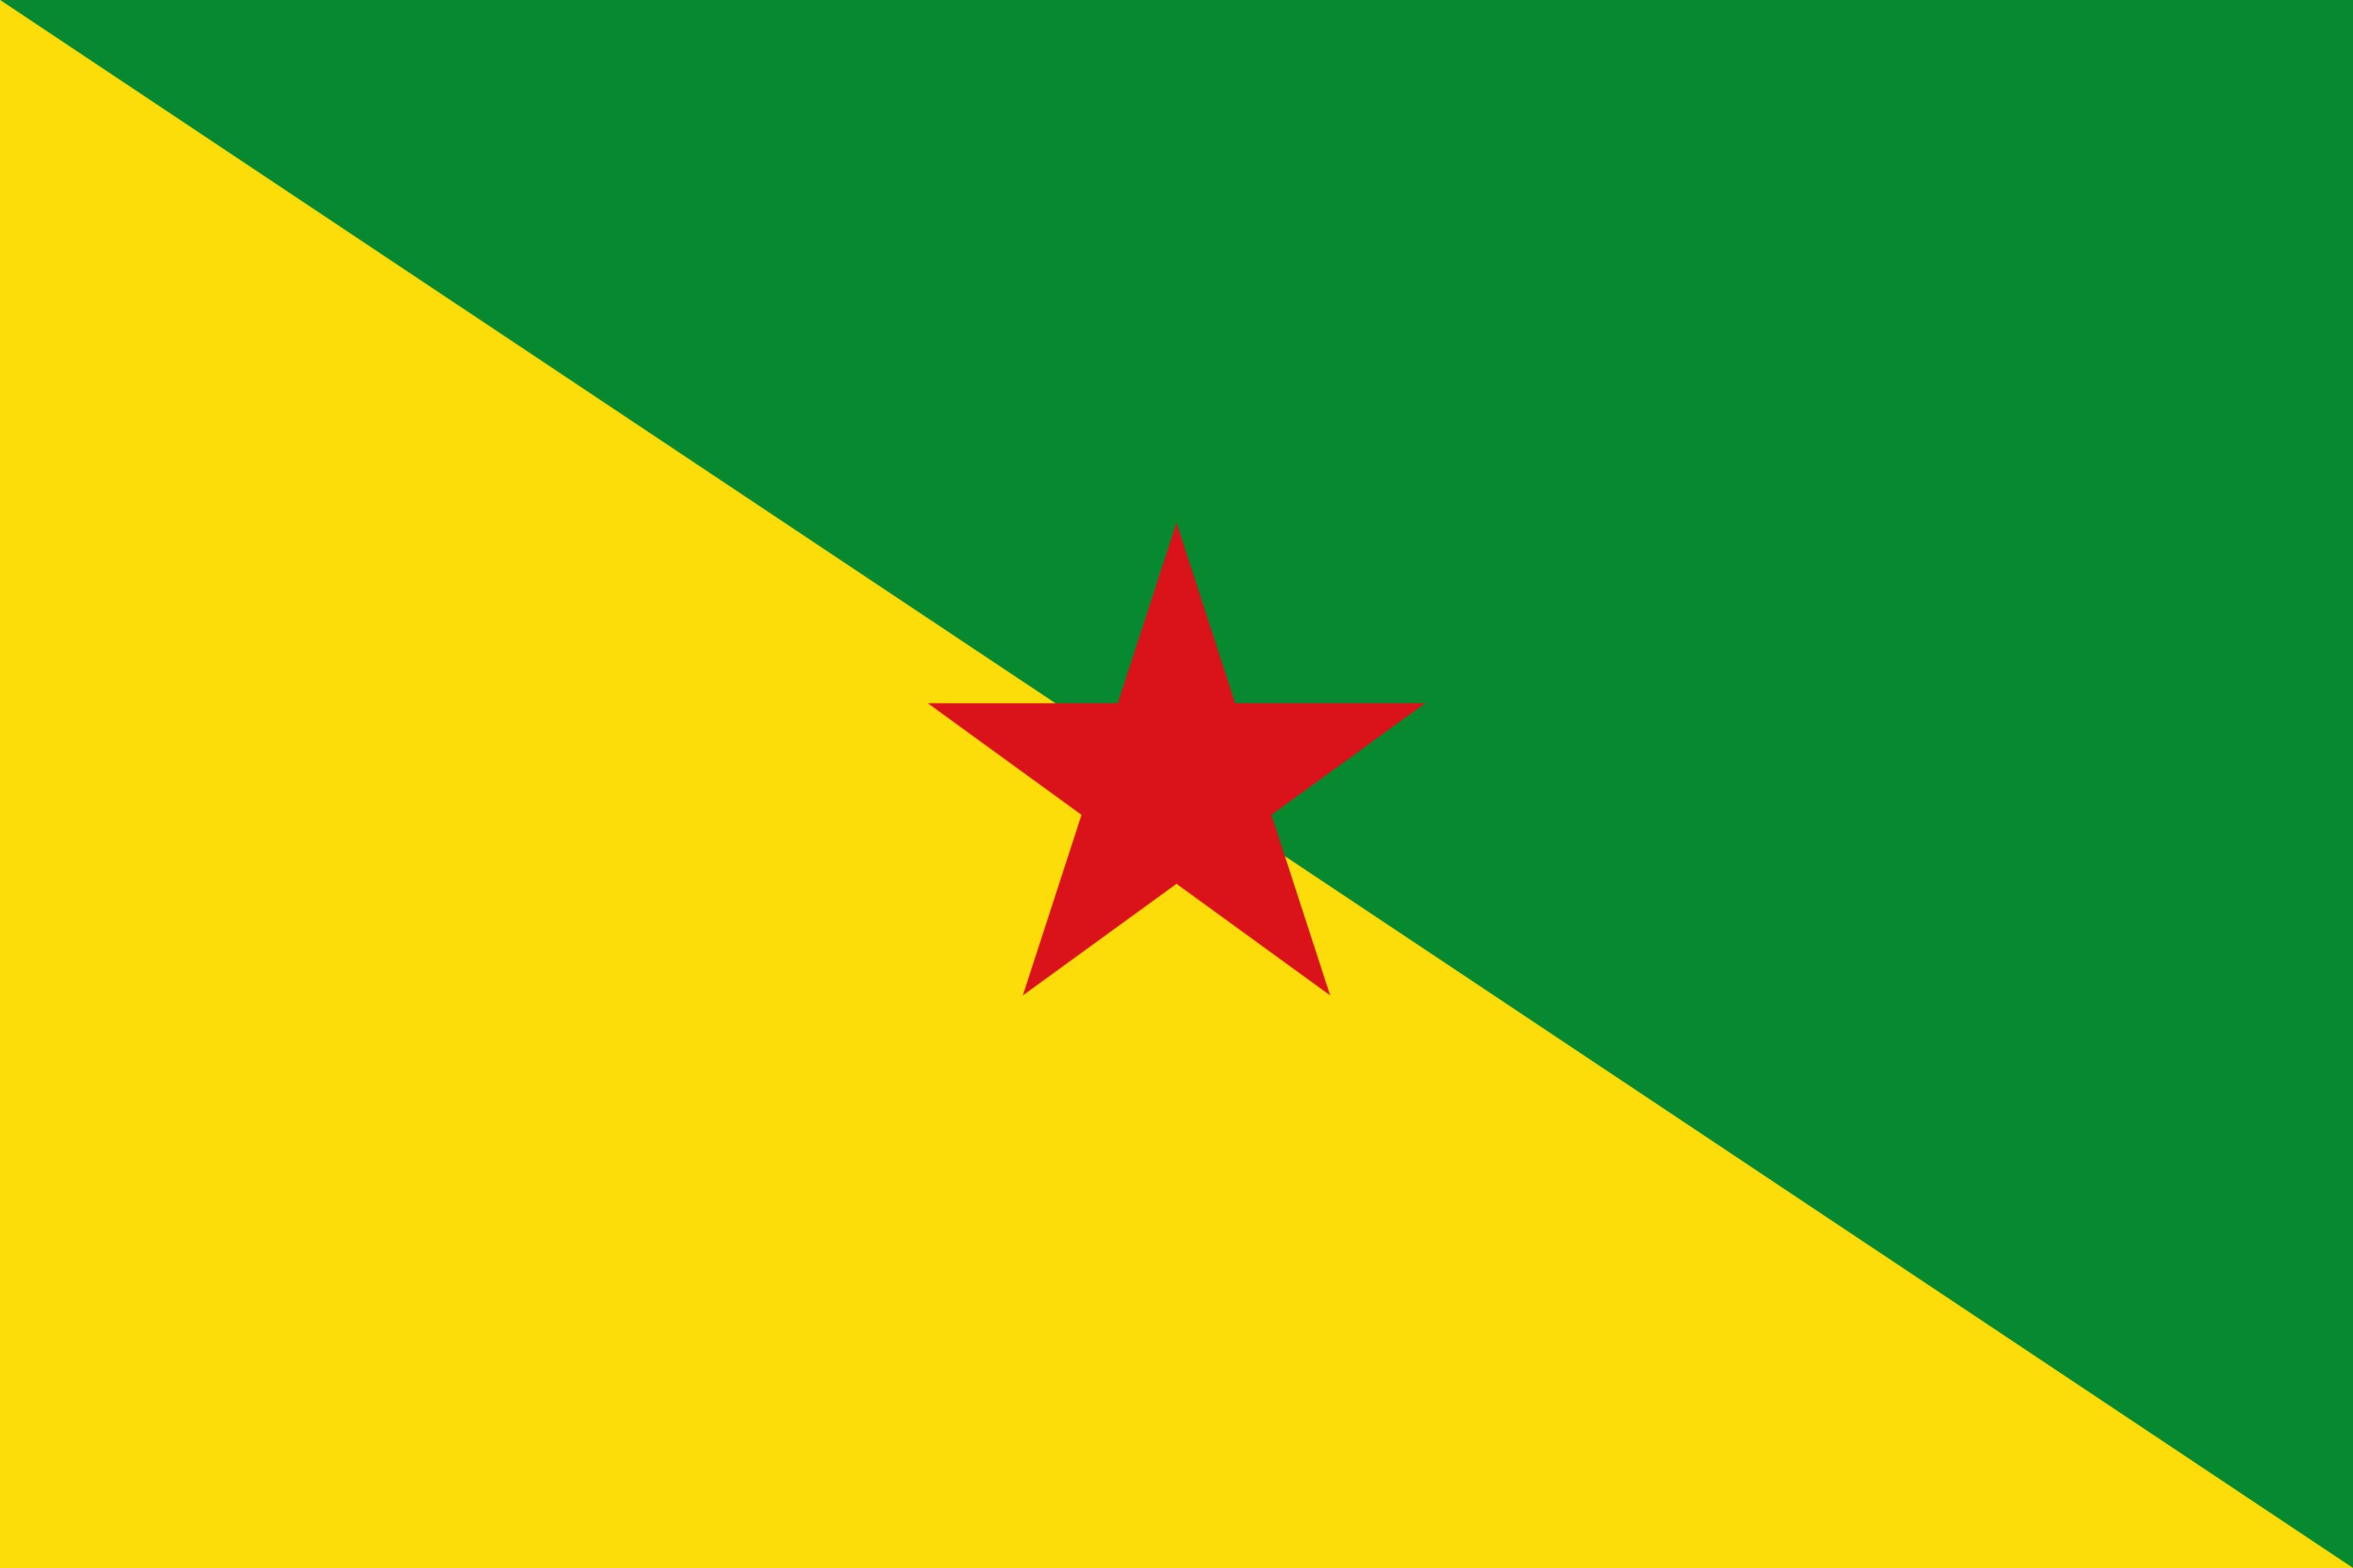 bandeira guiana francesa - Bandeira da Guiana Francesa